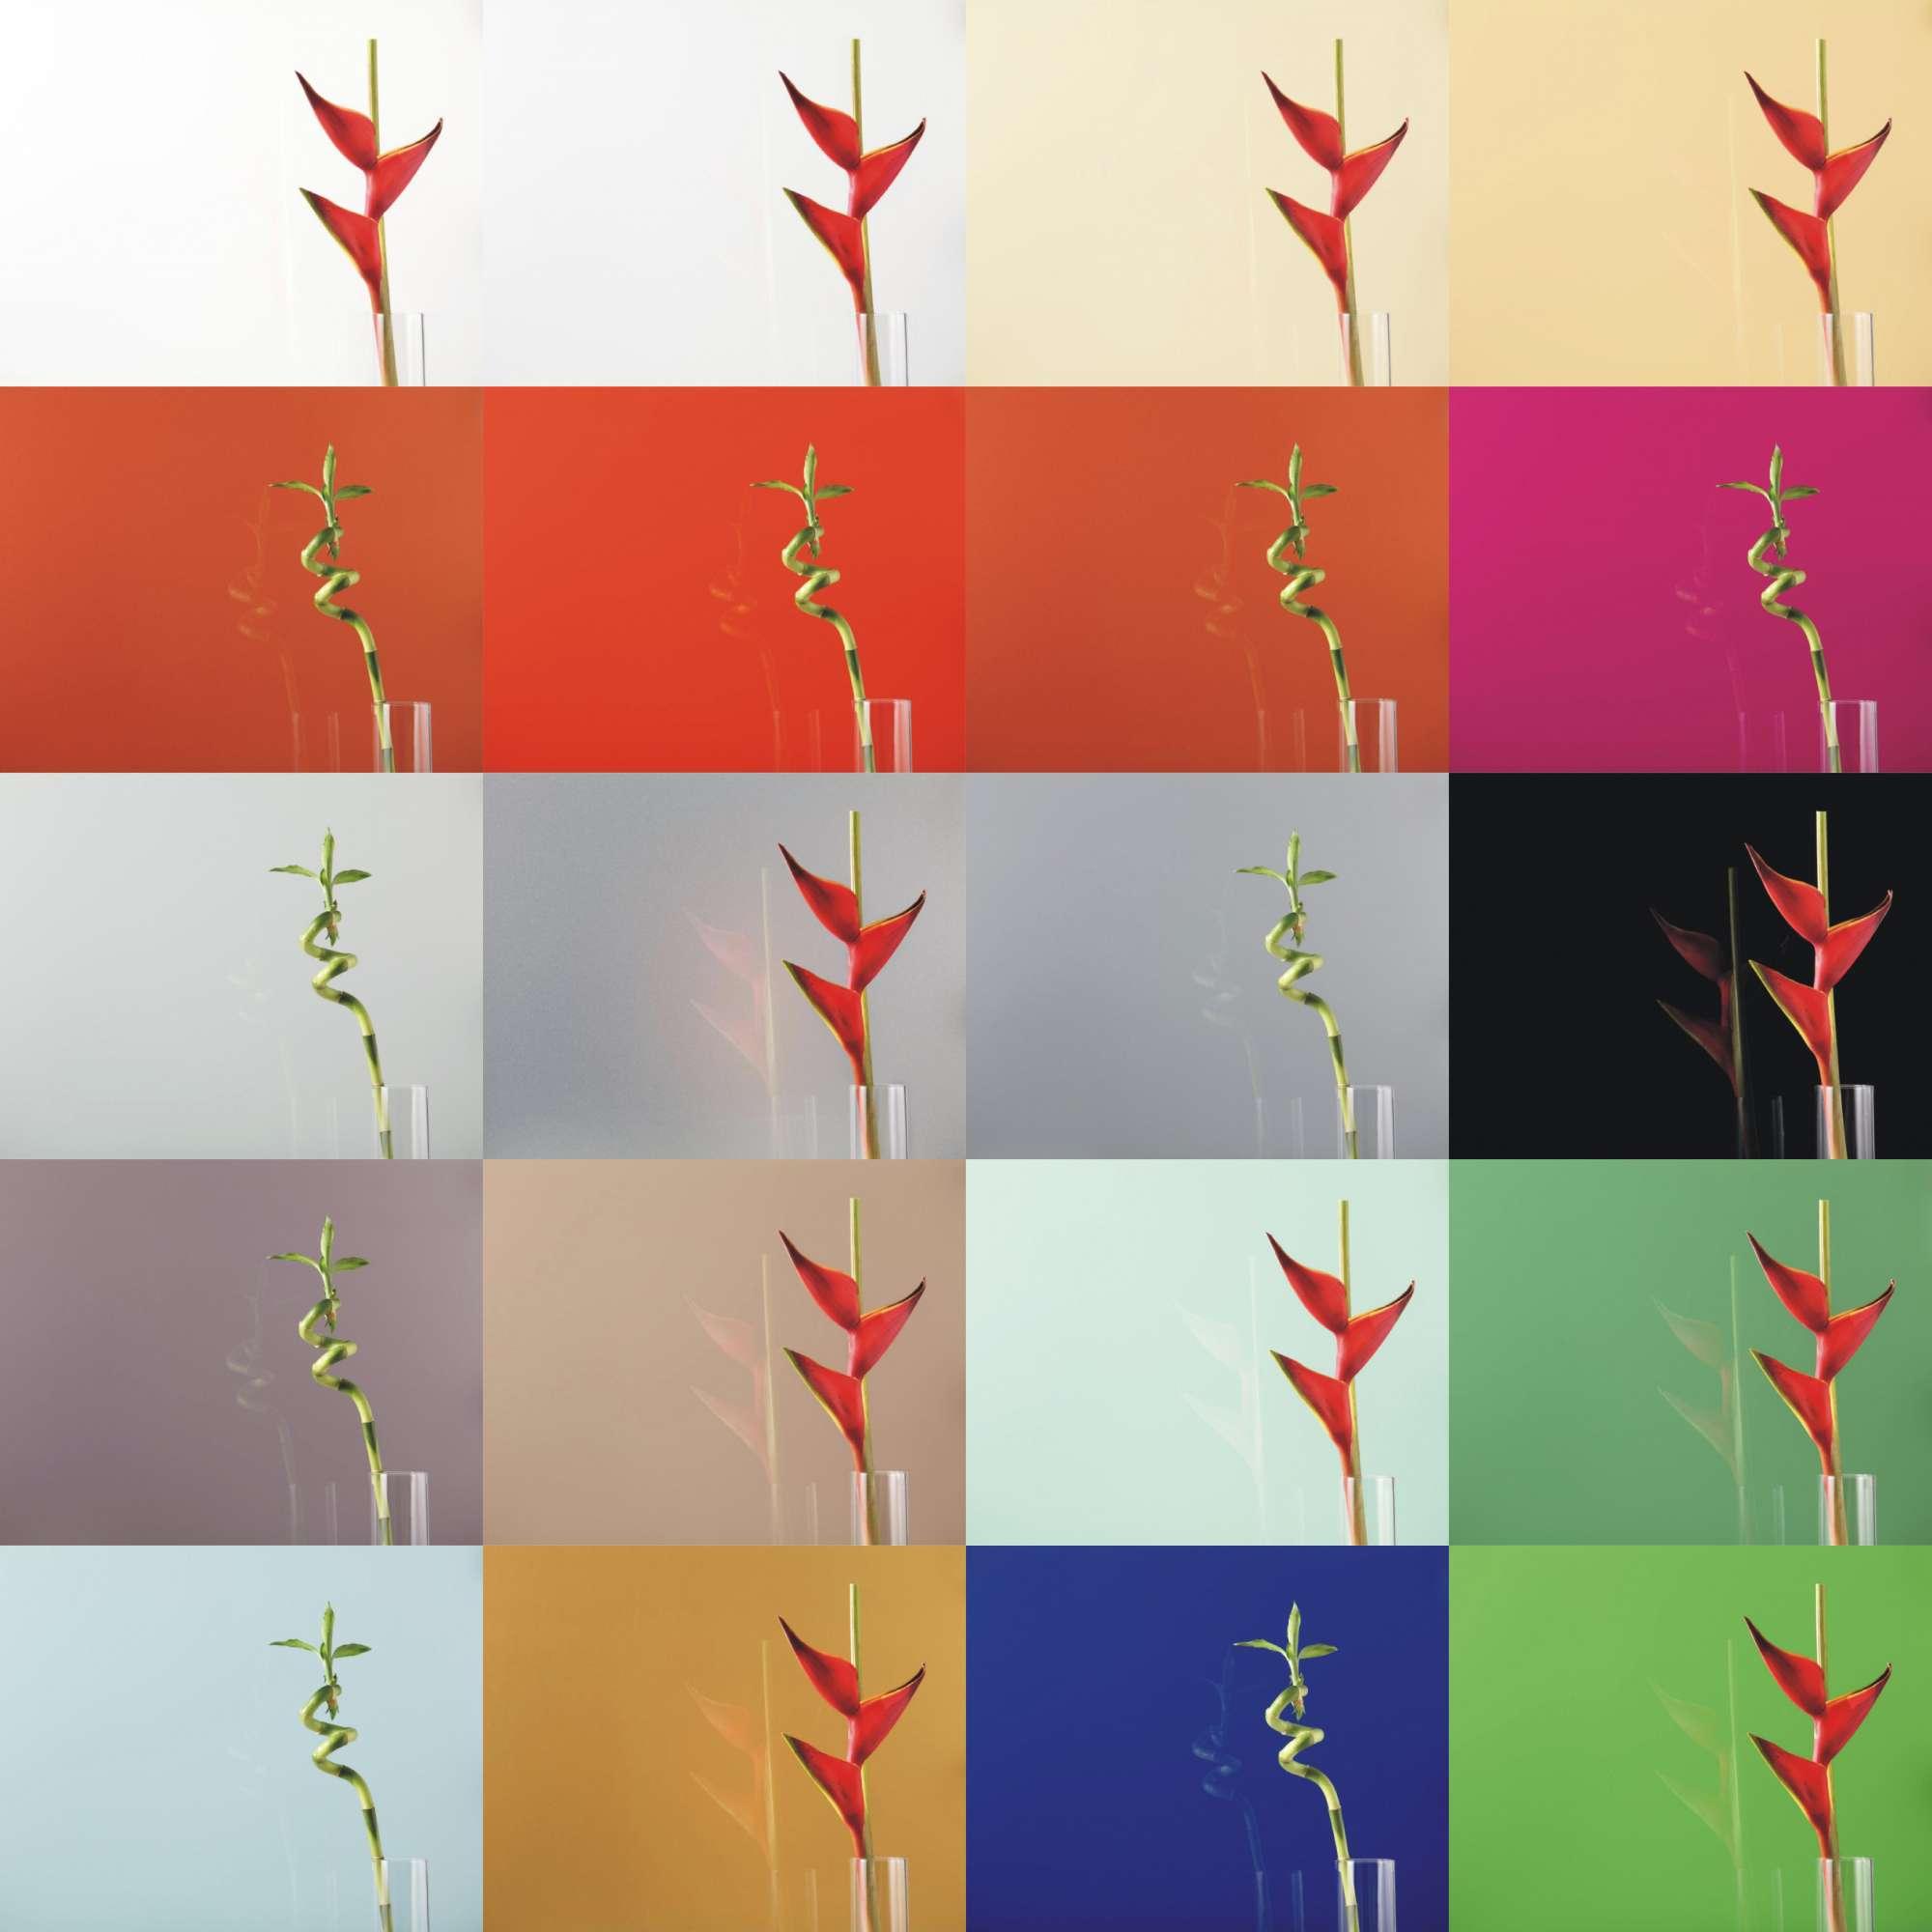 Lacobel Kolory Paleta Kolorow - Lacobel kolory. Wzornik dostępnych odcieni